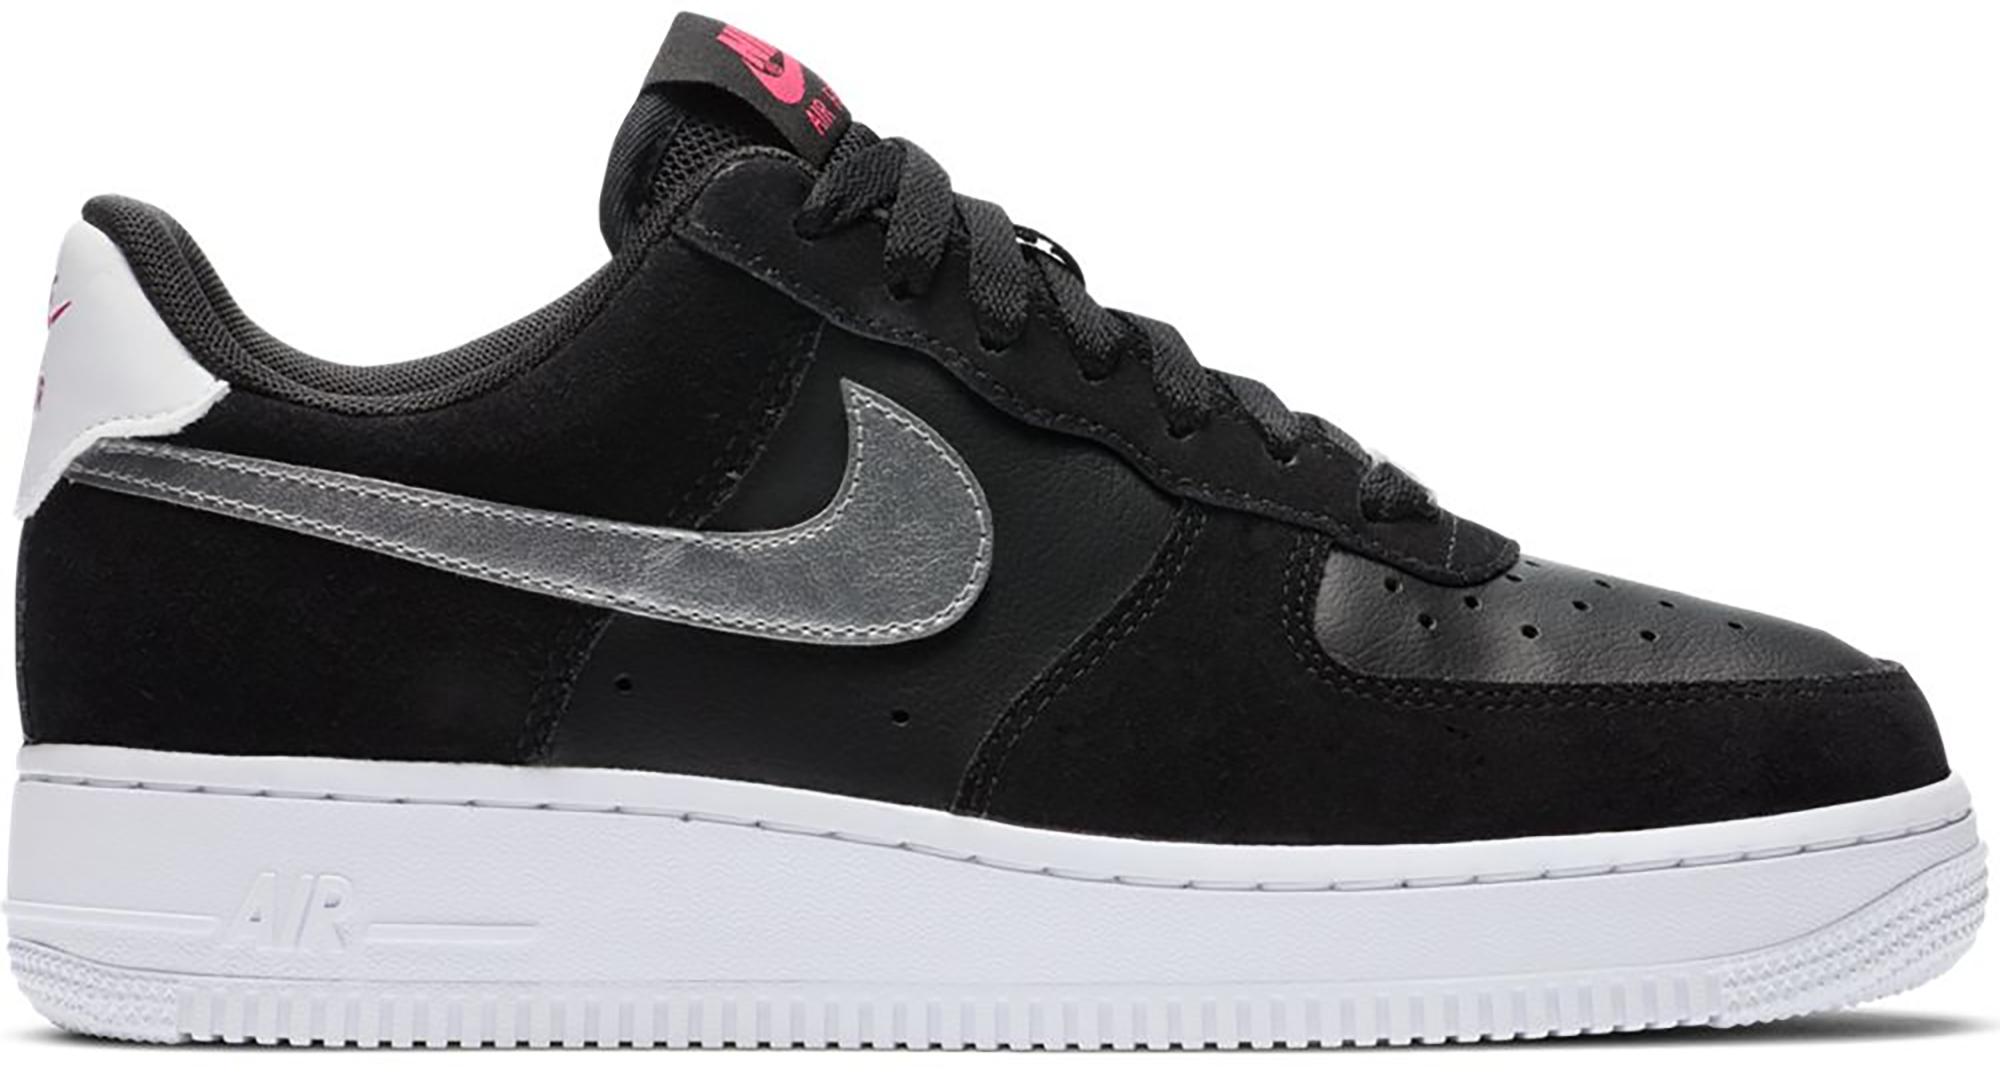 Nike Air Force 1 Low Black Pink Blast